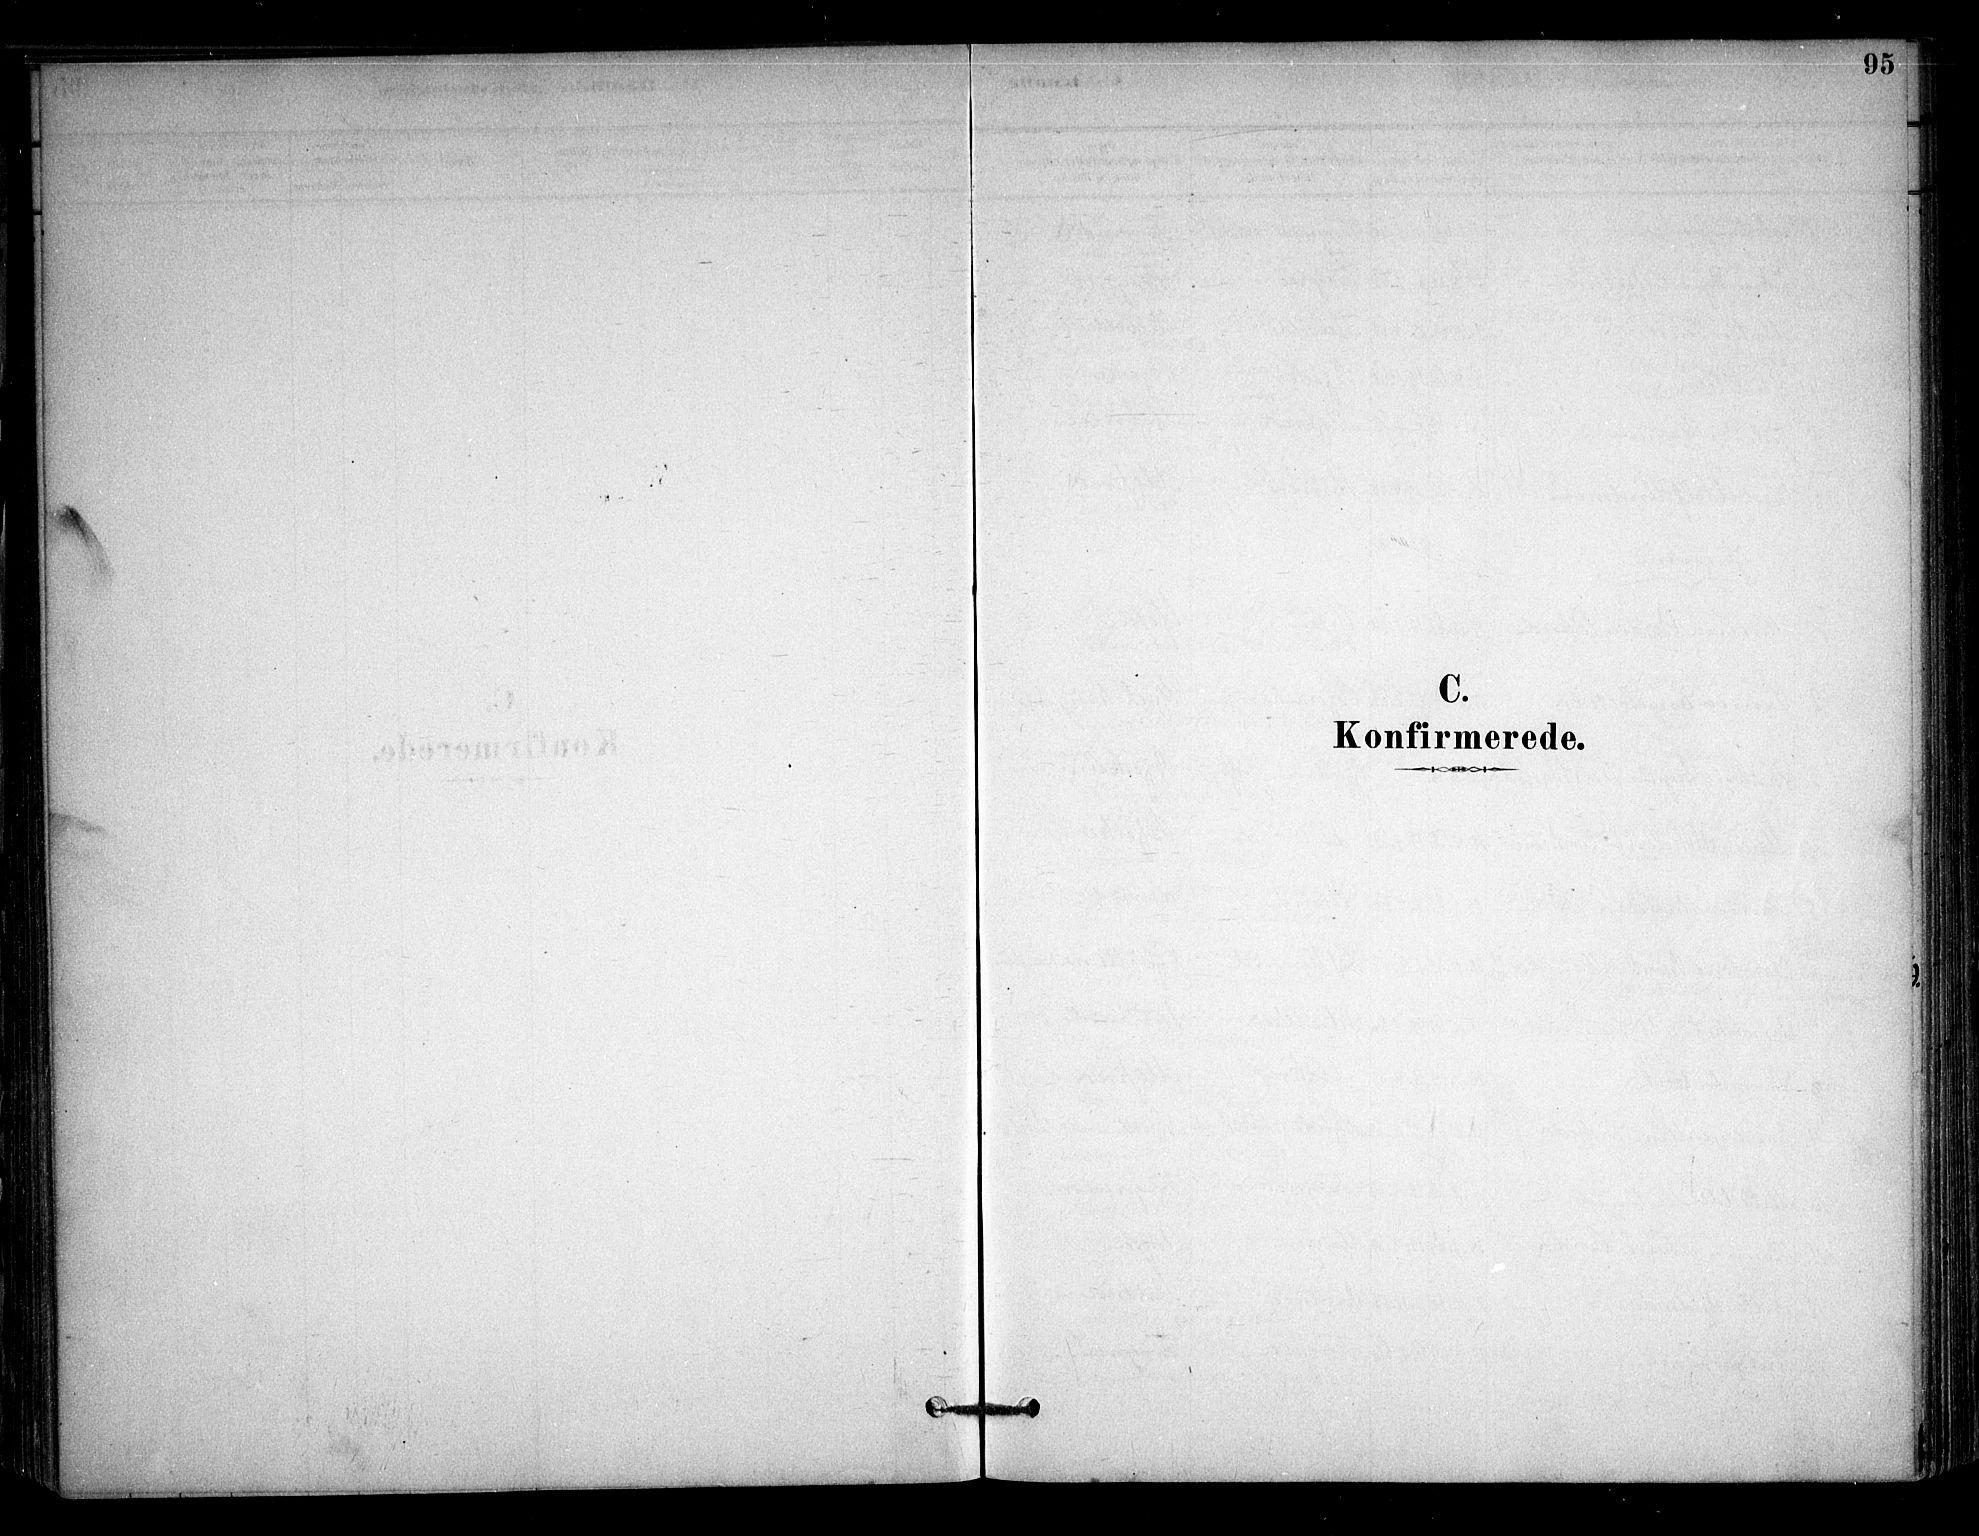 SAO, Sørum prestekontor Kirkebøker, F/Fb/L0001: Ministerialbok nr. II 1, 1878-1915, s. 95